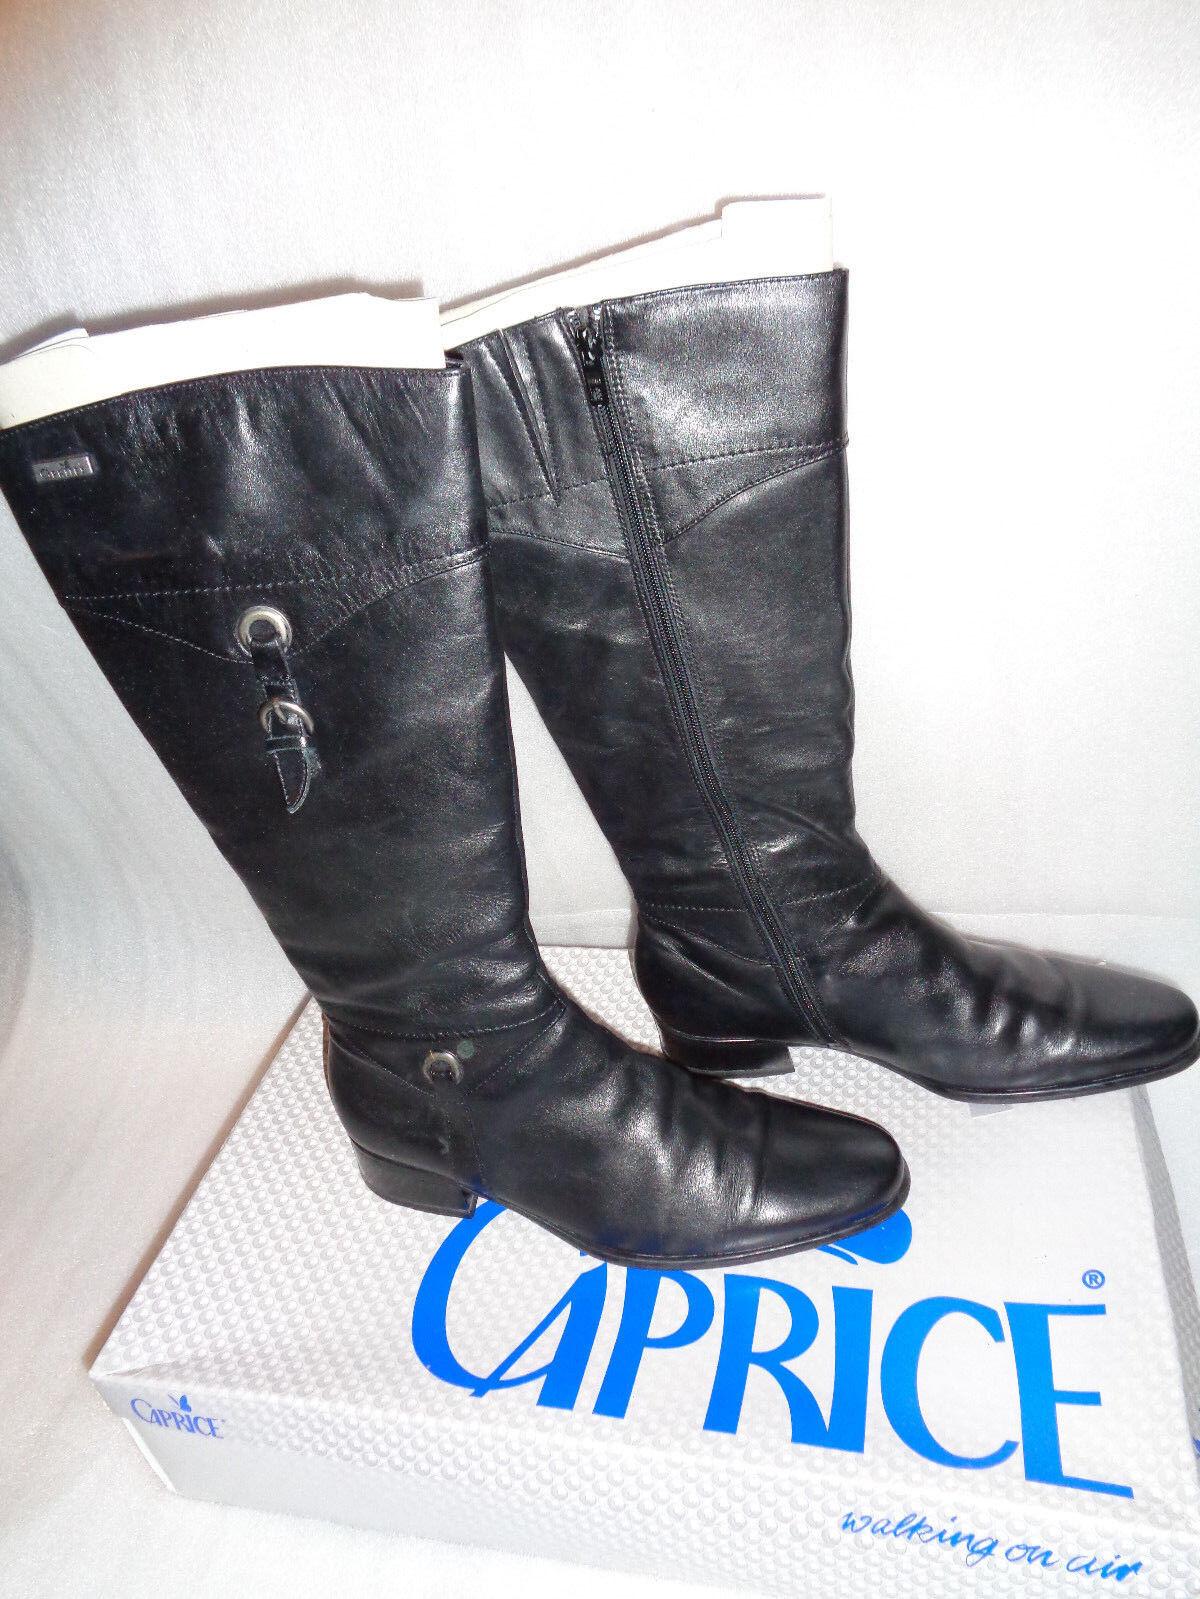 100 01 caprice botas talla 6,5 40, negra, cuero el apartado 2,5 cm anti shock